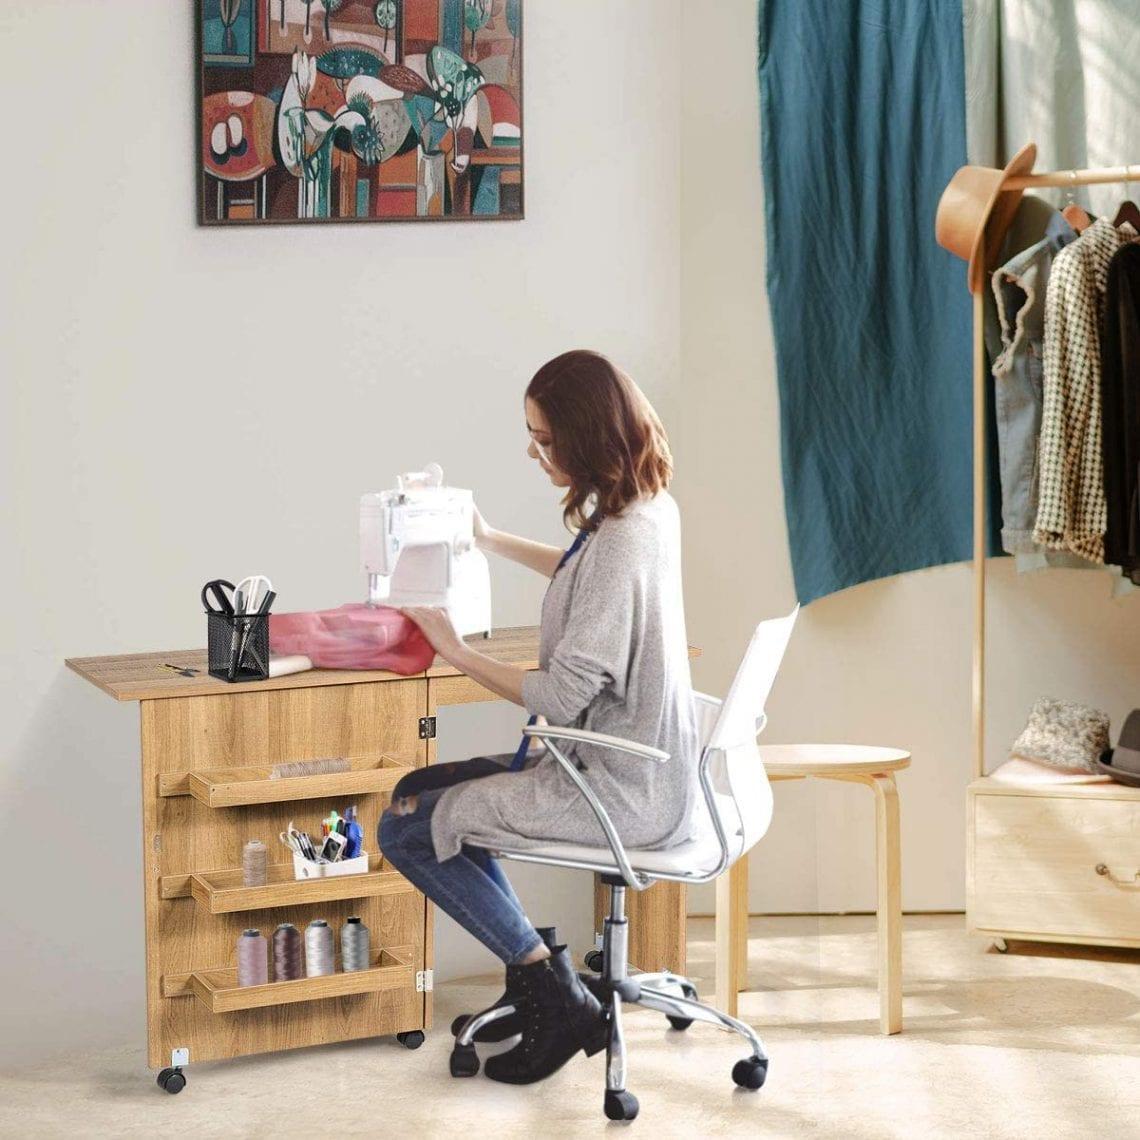 La Meilleure Table De Couture Explications Comparatif Et Avis Zone Led